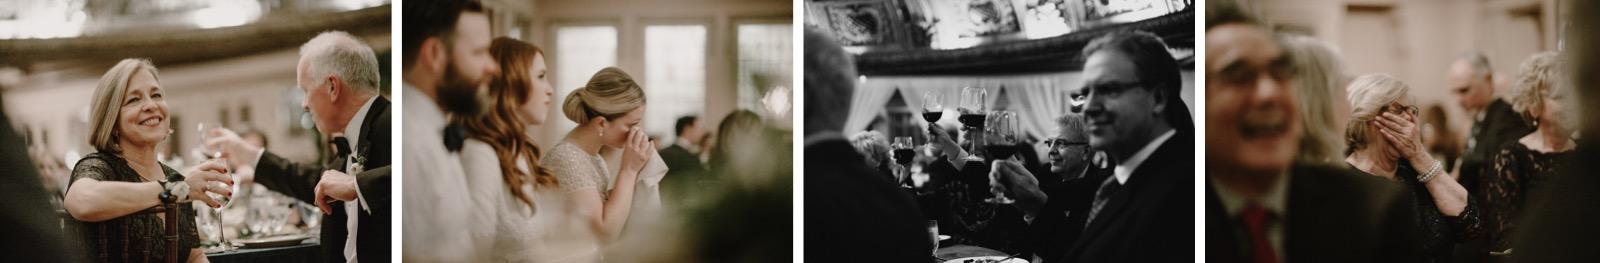 120_Arctic_Club_Wedding_Seattle_240_Arctic_Club_Wedding_Seattle_243_Arctic_Club_Wedding_Seattle_239_Arctic_Club_Wedding_Seattle_242.jpg